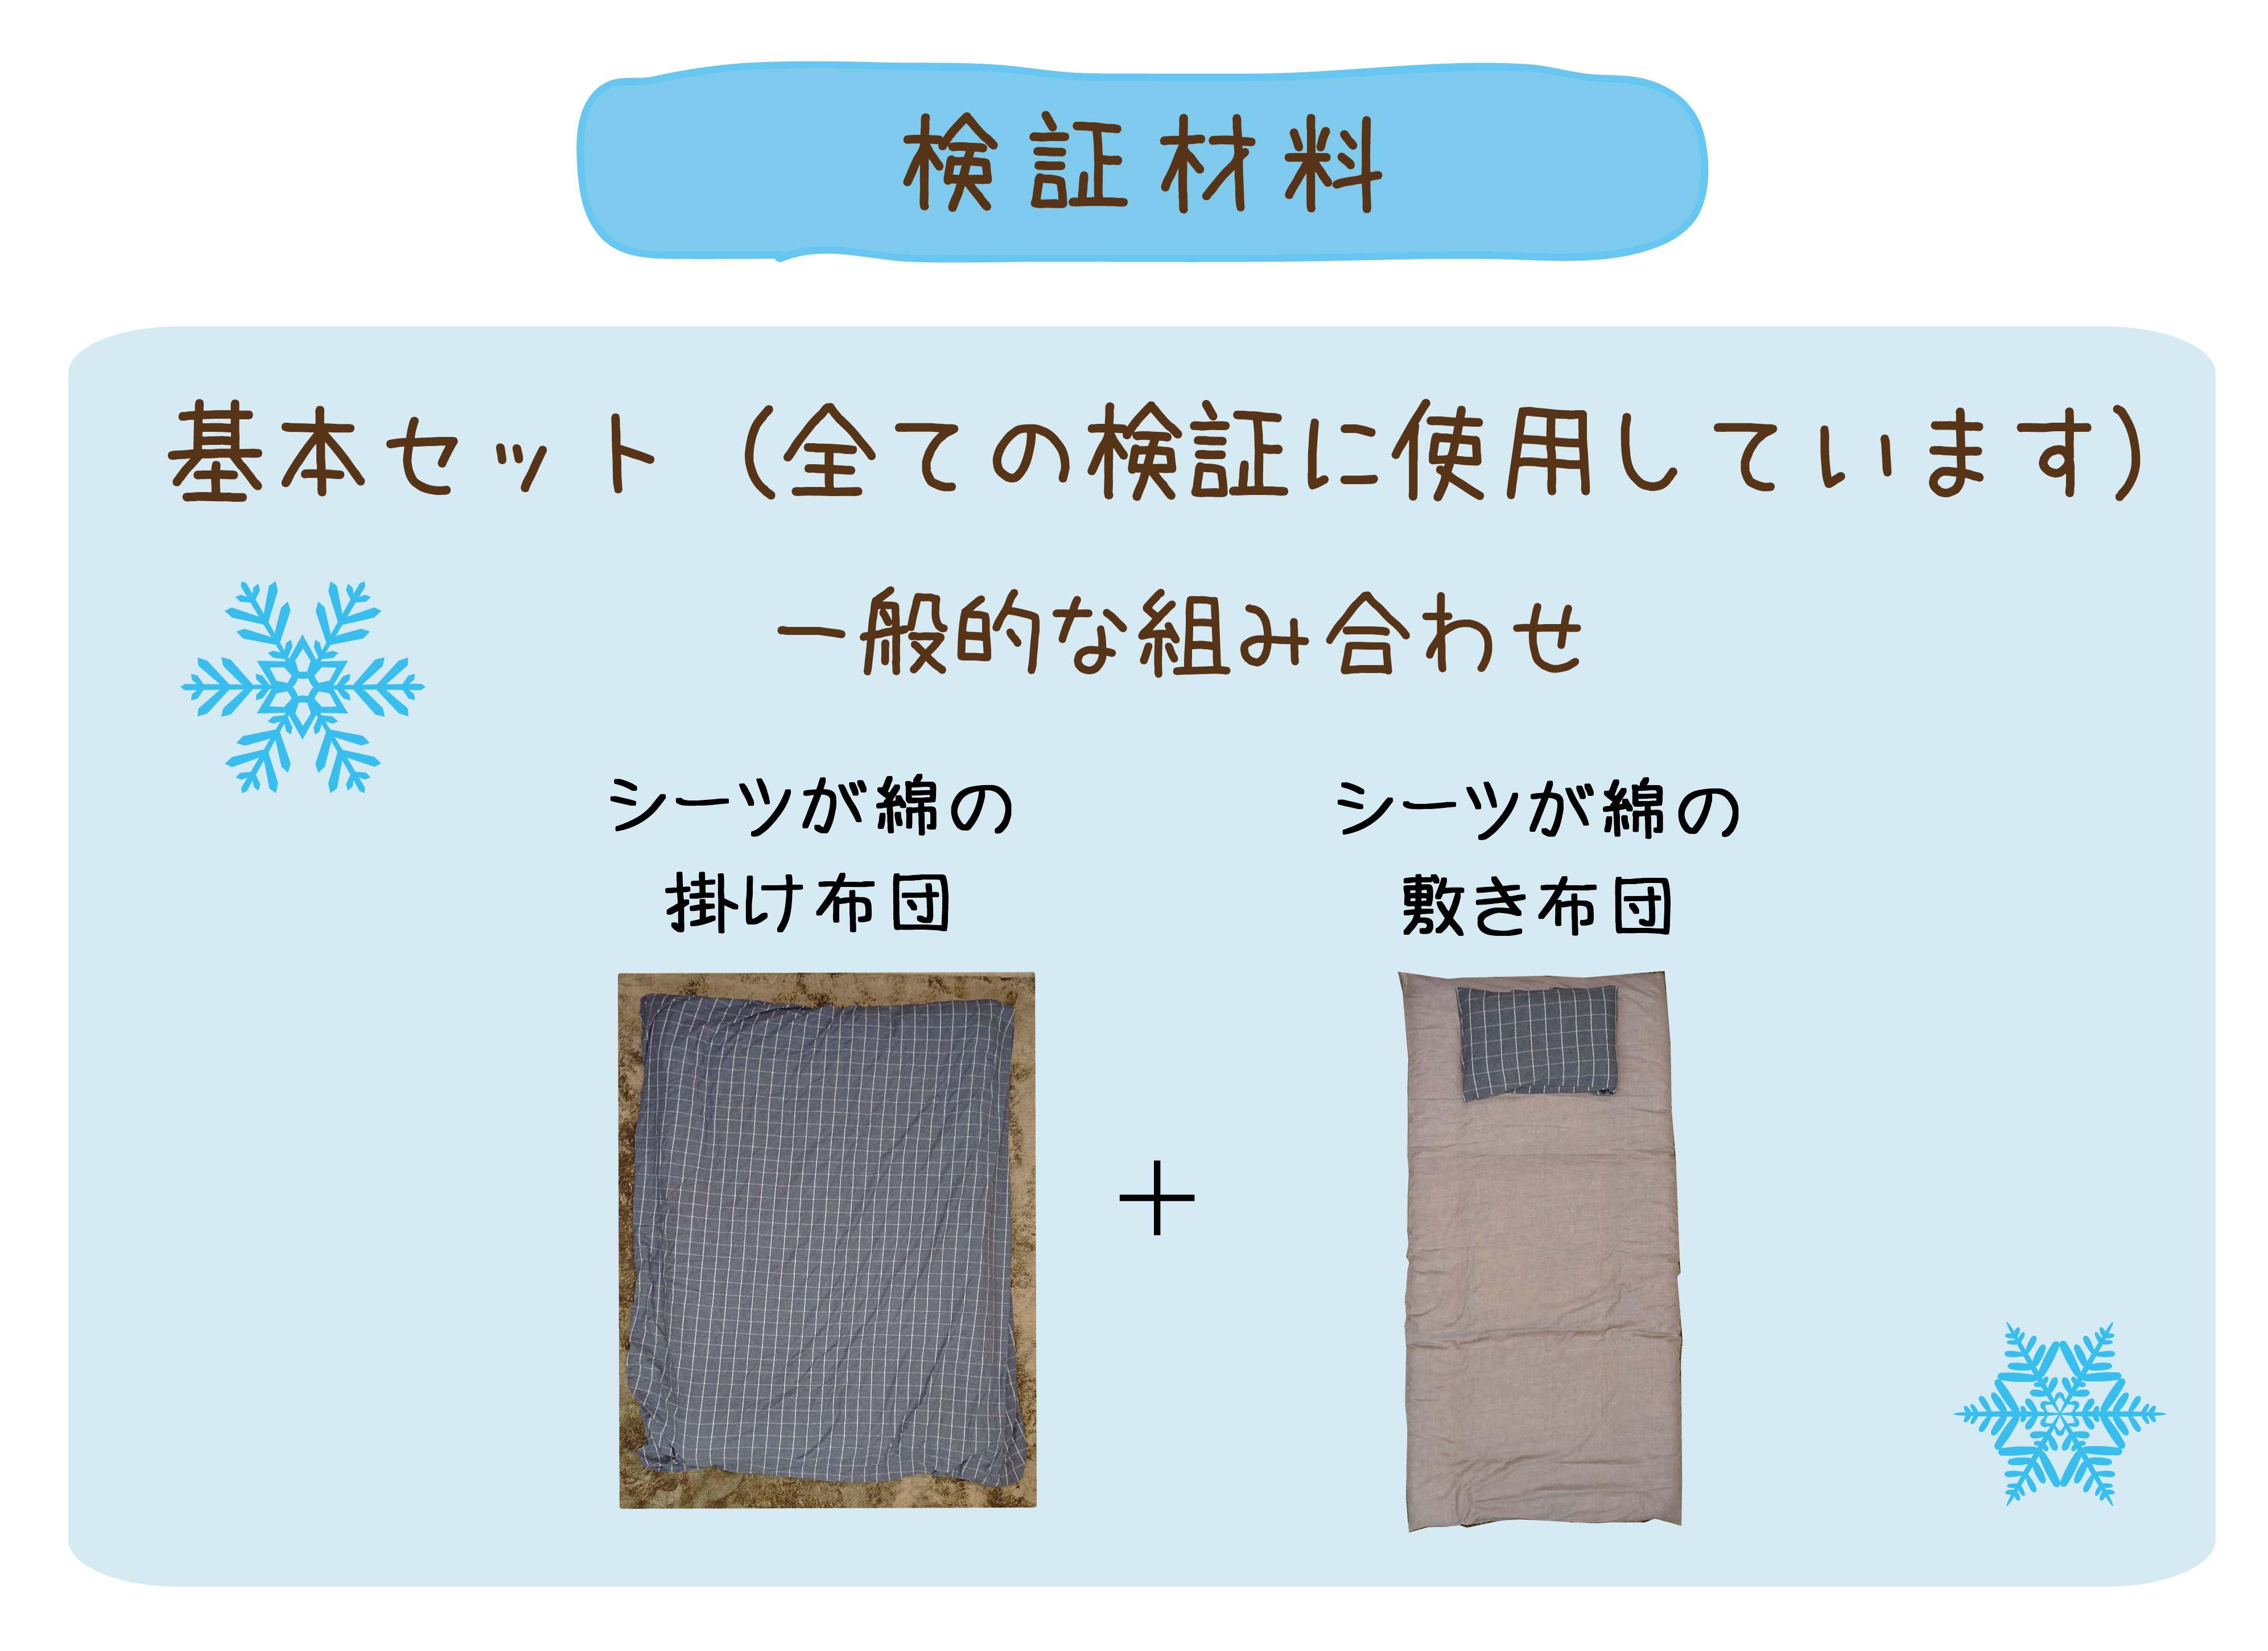 基本セット(シーツが綿の掛け布団+シーツが綿の敷き布団)